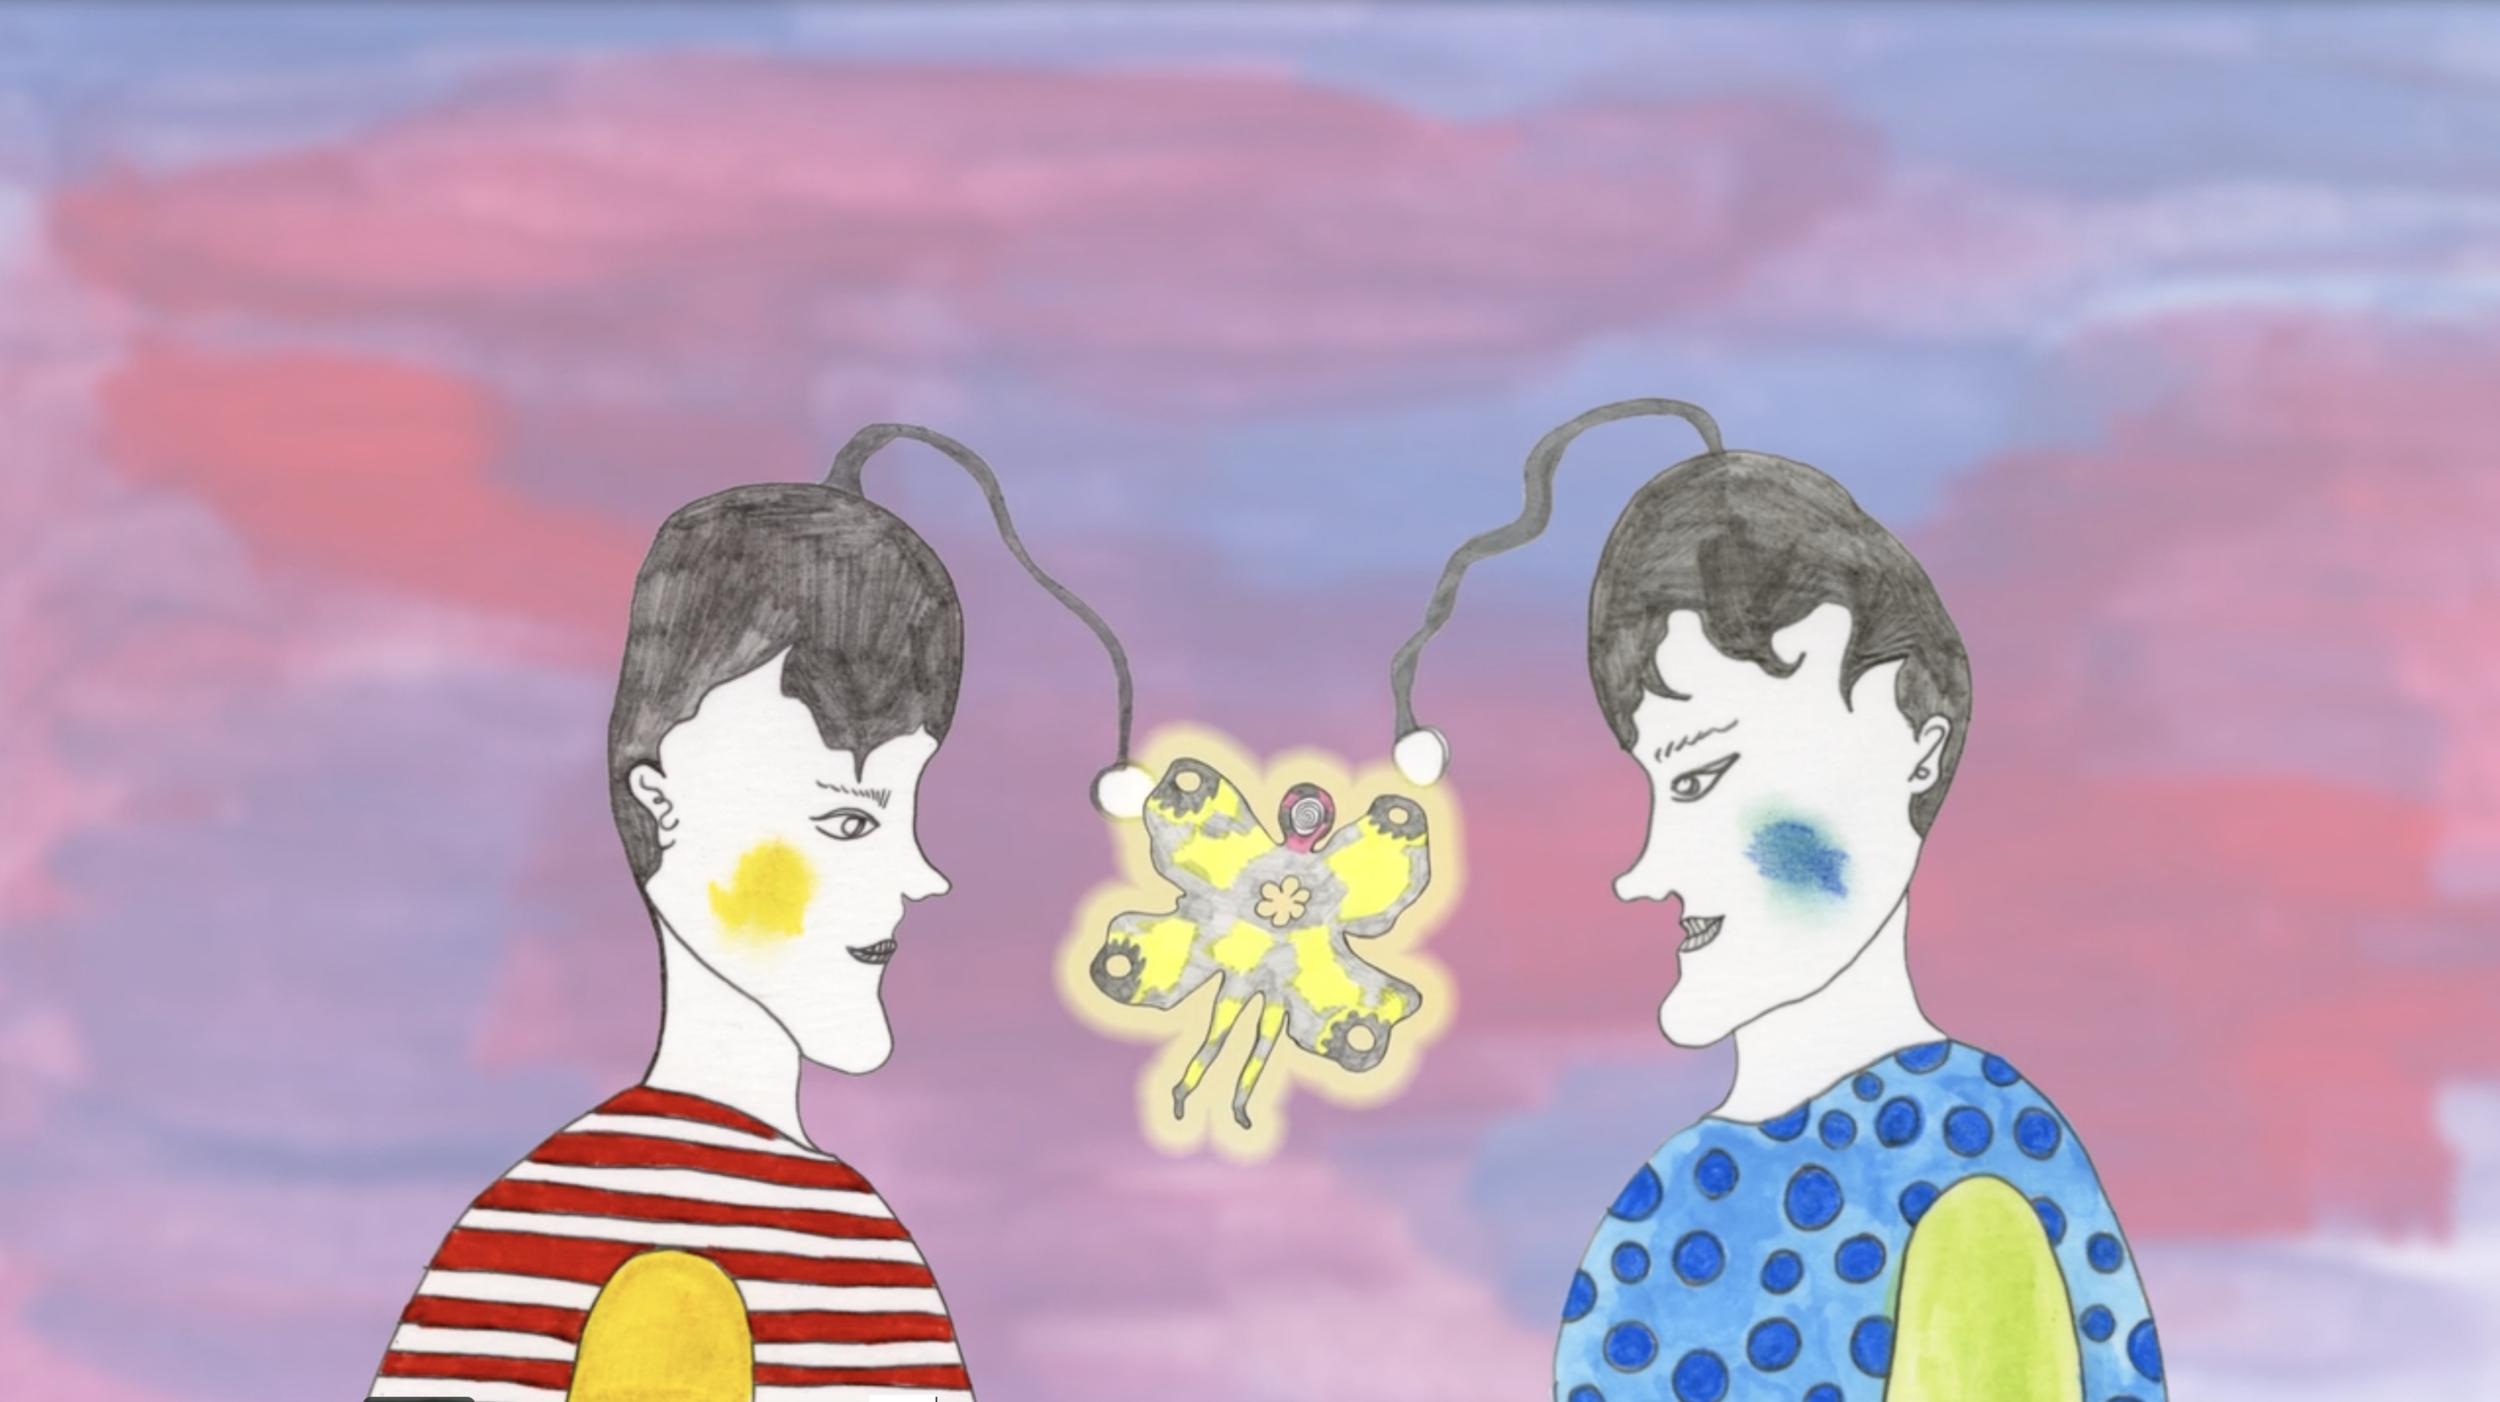 """Still from """"Bleeding Heart Garden: A Feeling in a Flower,"""" 2019   http://loisprojects.info/"""